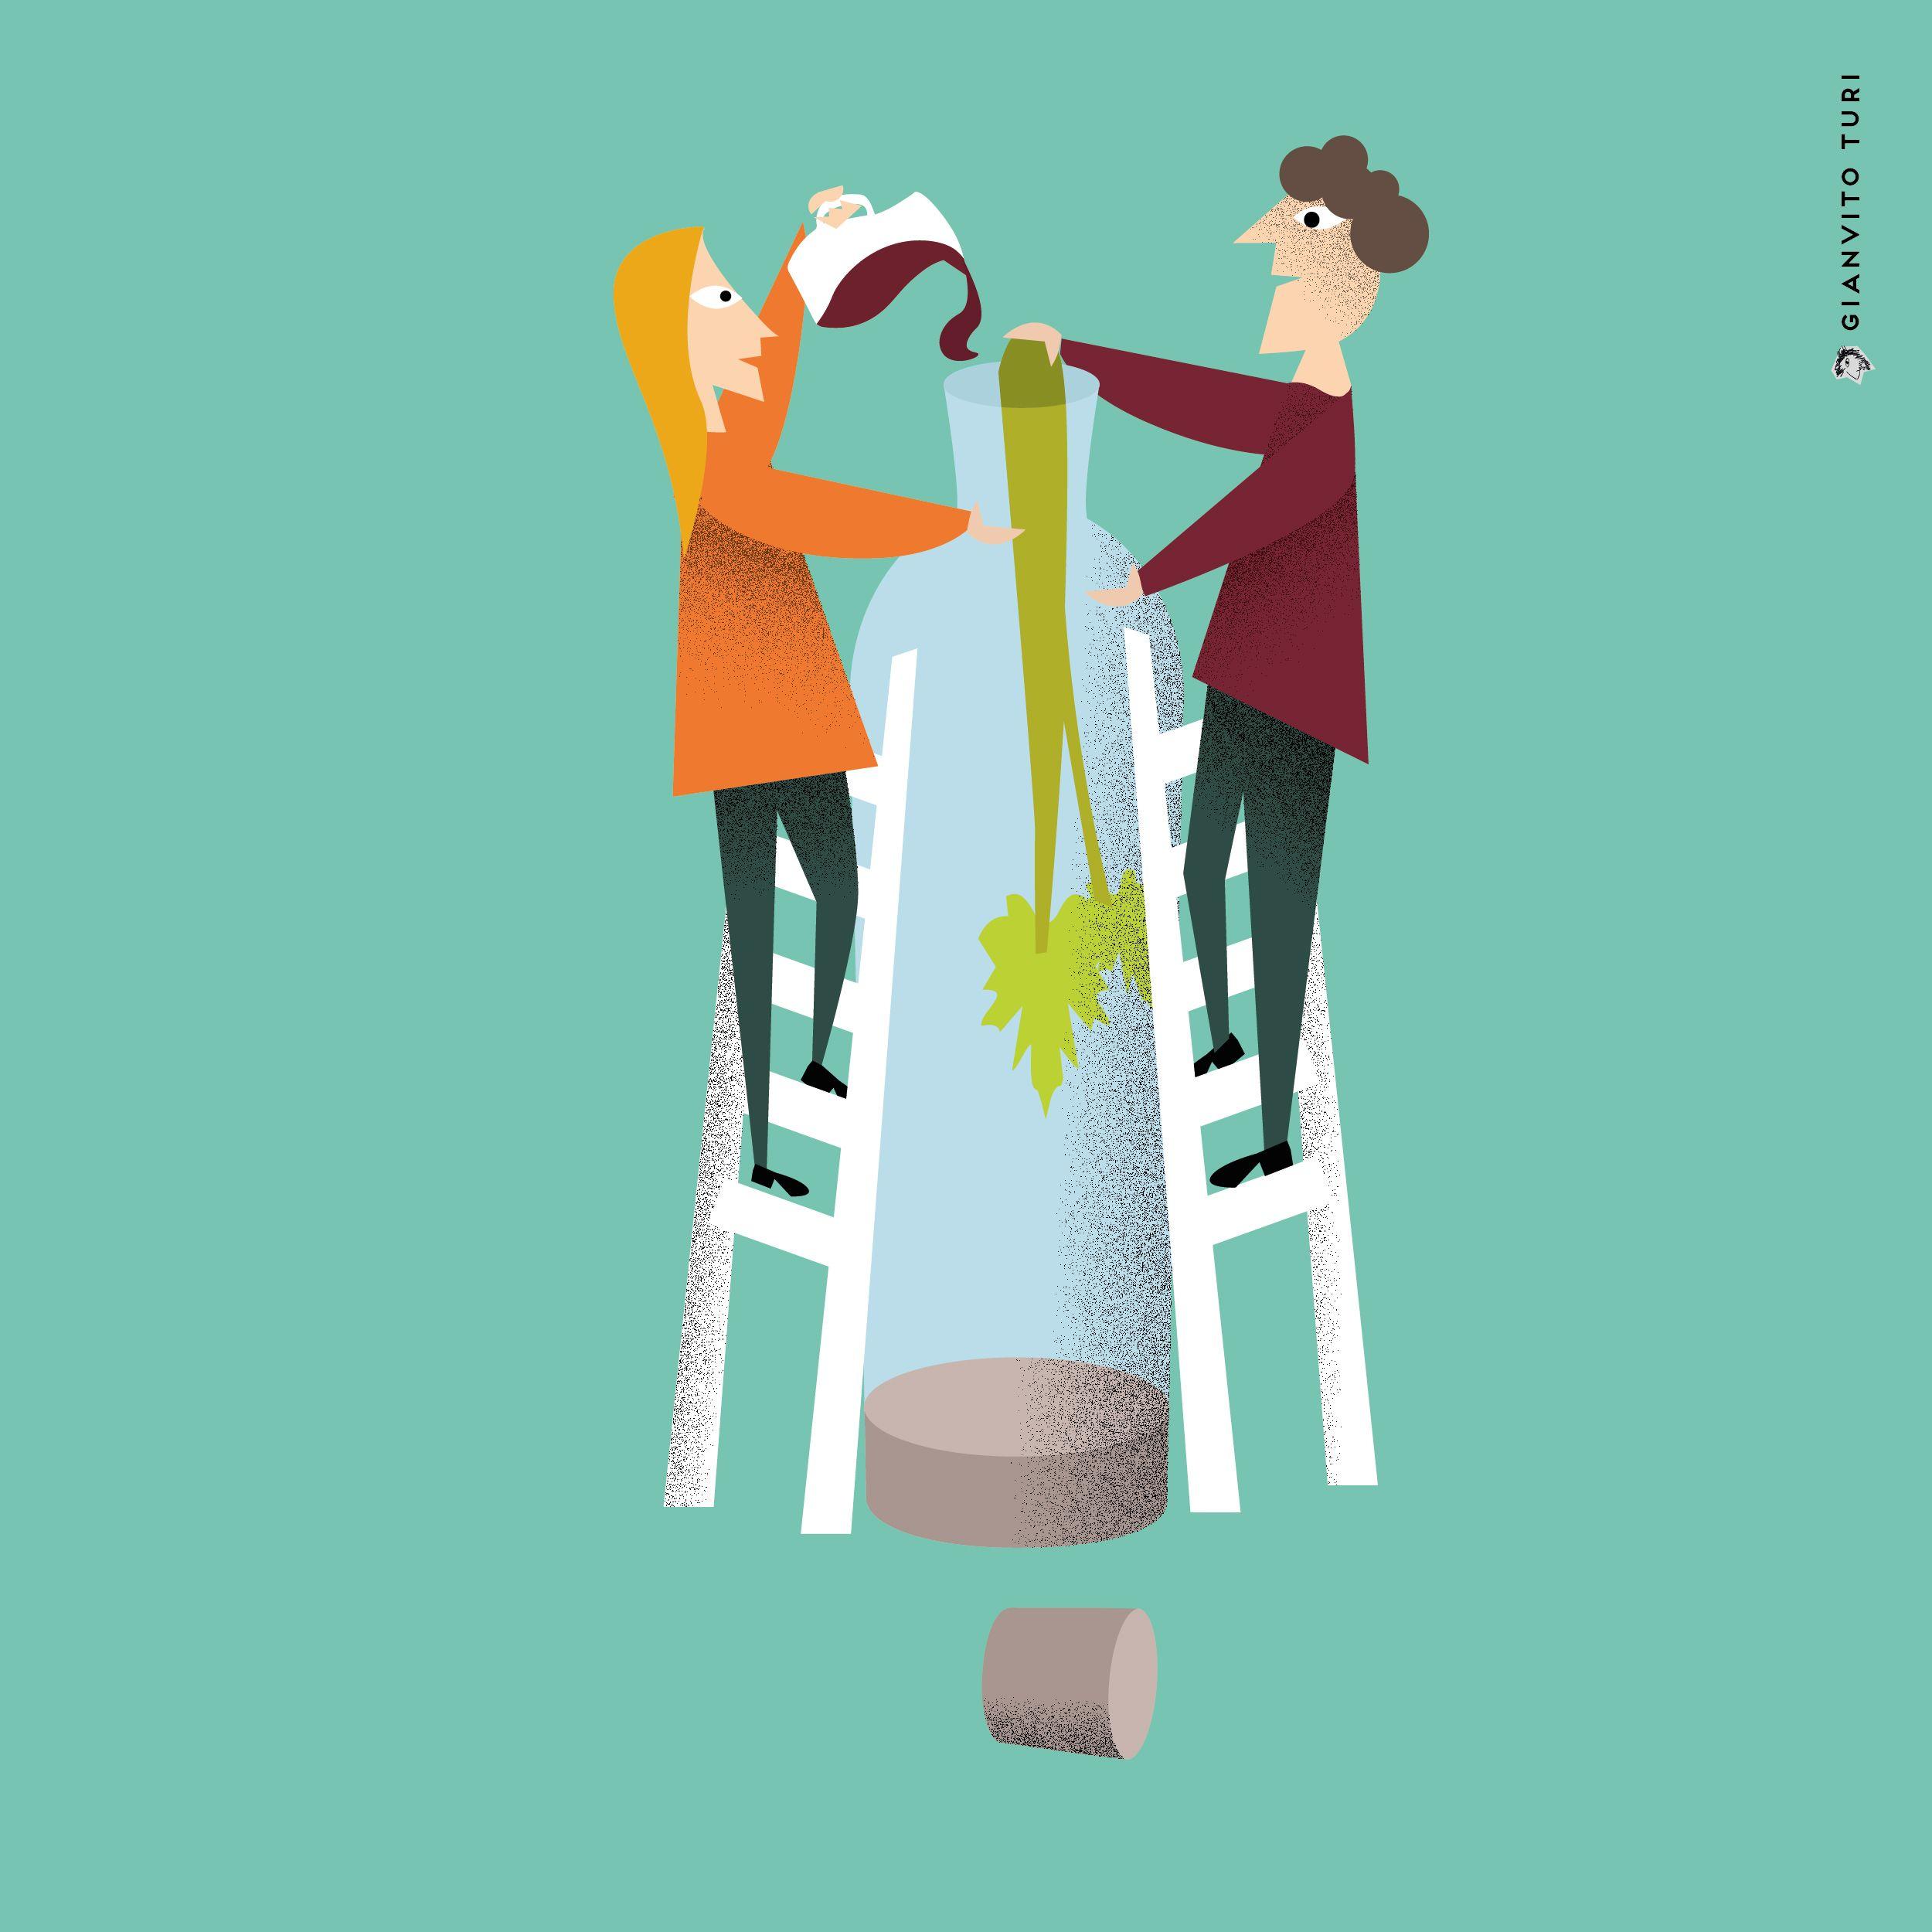 Illustrazione per Italian Tools. 20 regioni / 20 oggetti / 20 illustrazioni / UMBRIA / Contenitore per gustare il sedano con il vino. #illustration #illustrator #regione #Umbria #Italy #Tools #design #graphicdesign #bottiglia #vino #sedano #wine #bottle #celery #creativity #inspiration #visualart #digitalart #vector